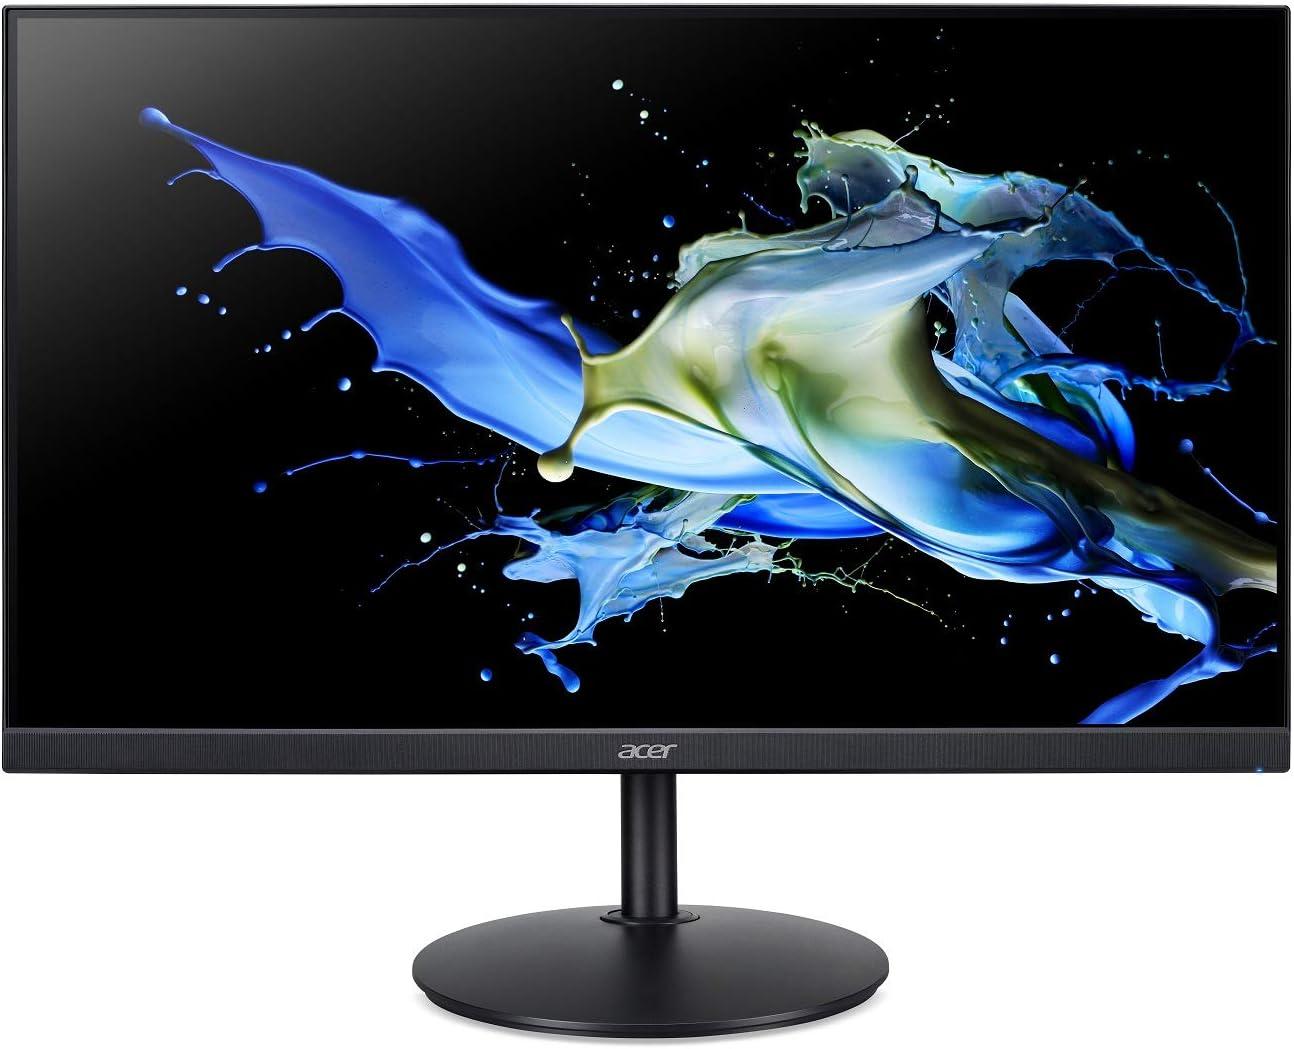 Acer CB272 bmiprux 27